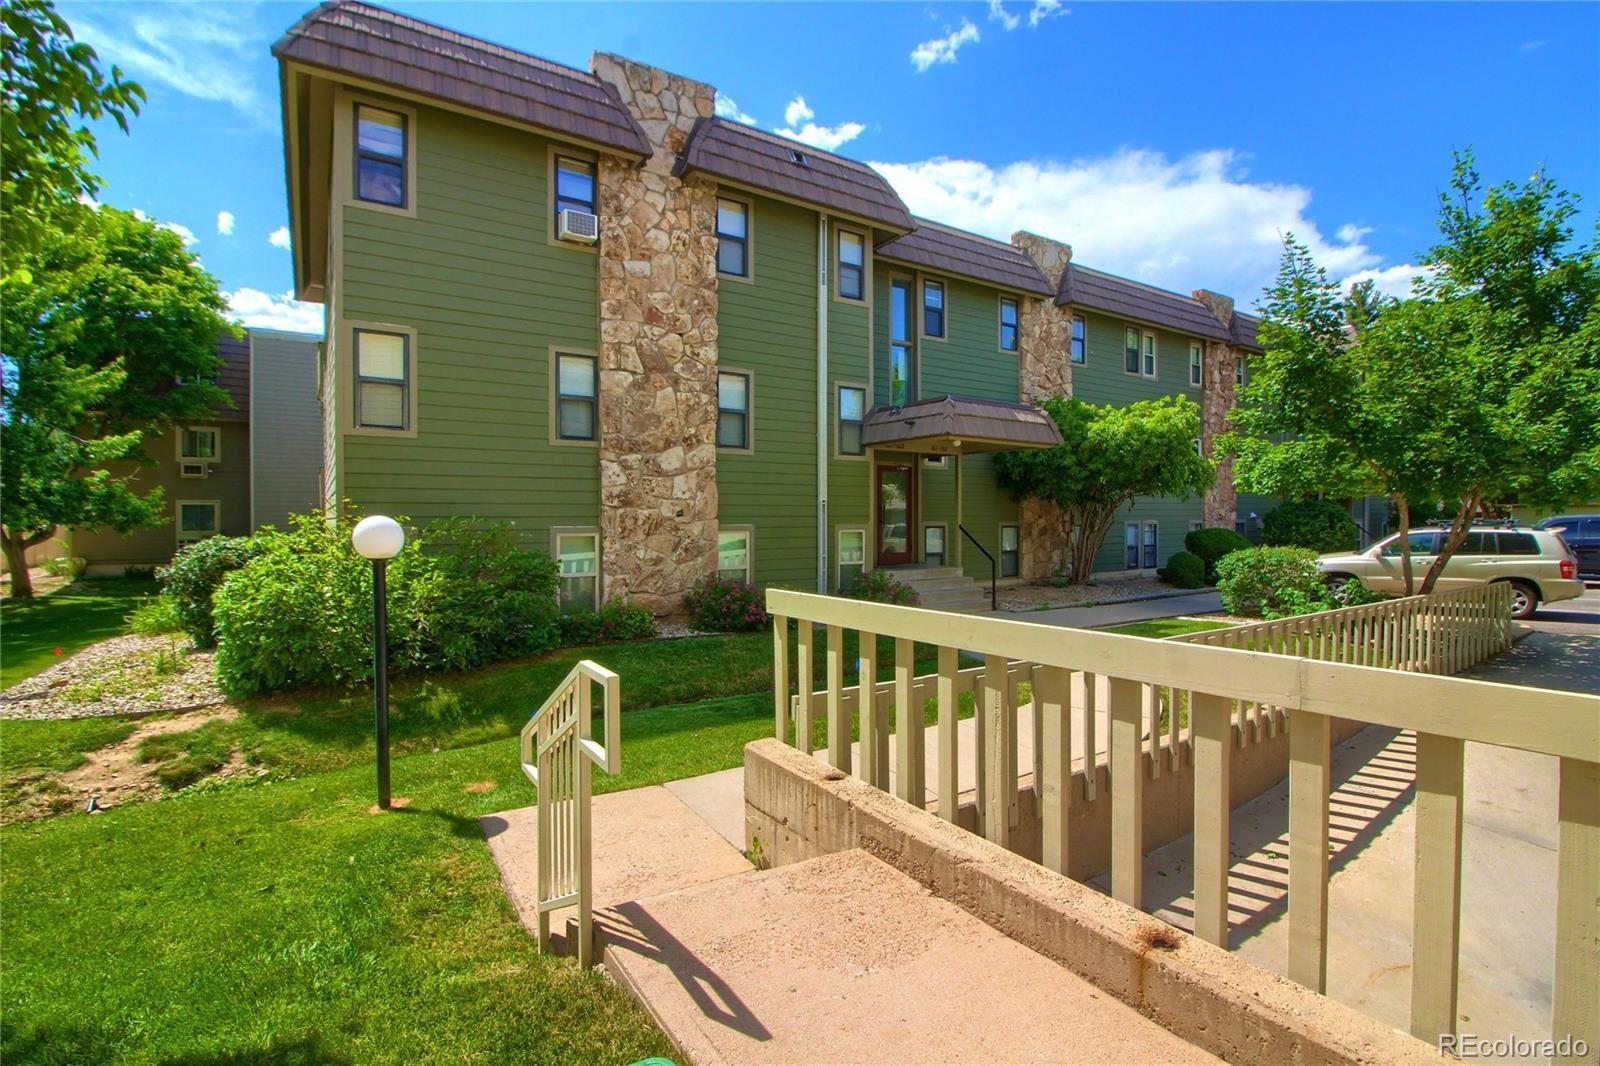 MLS# 8942886 - 1 - 3315 Chisholm Trail #302, Boulder, CO 80301